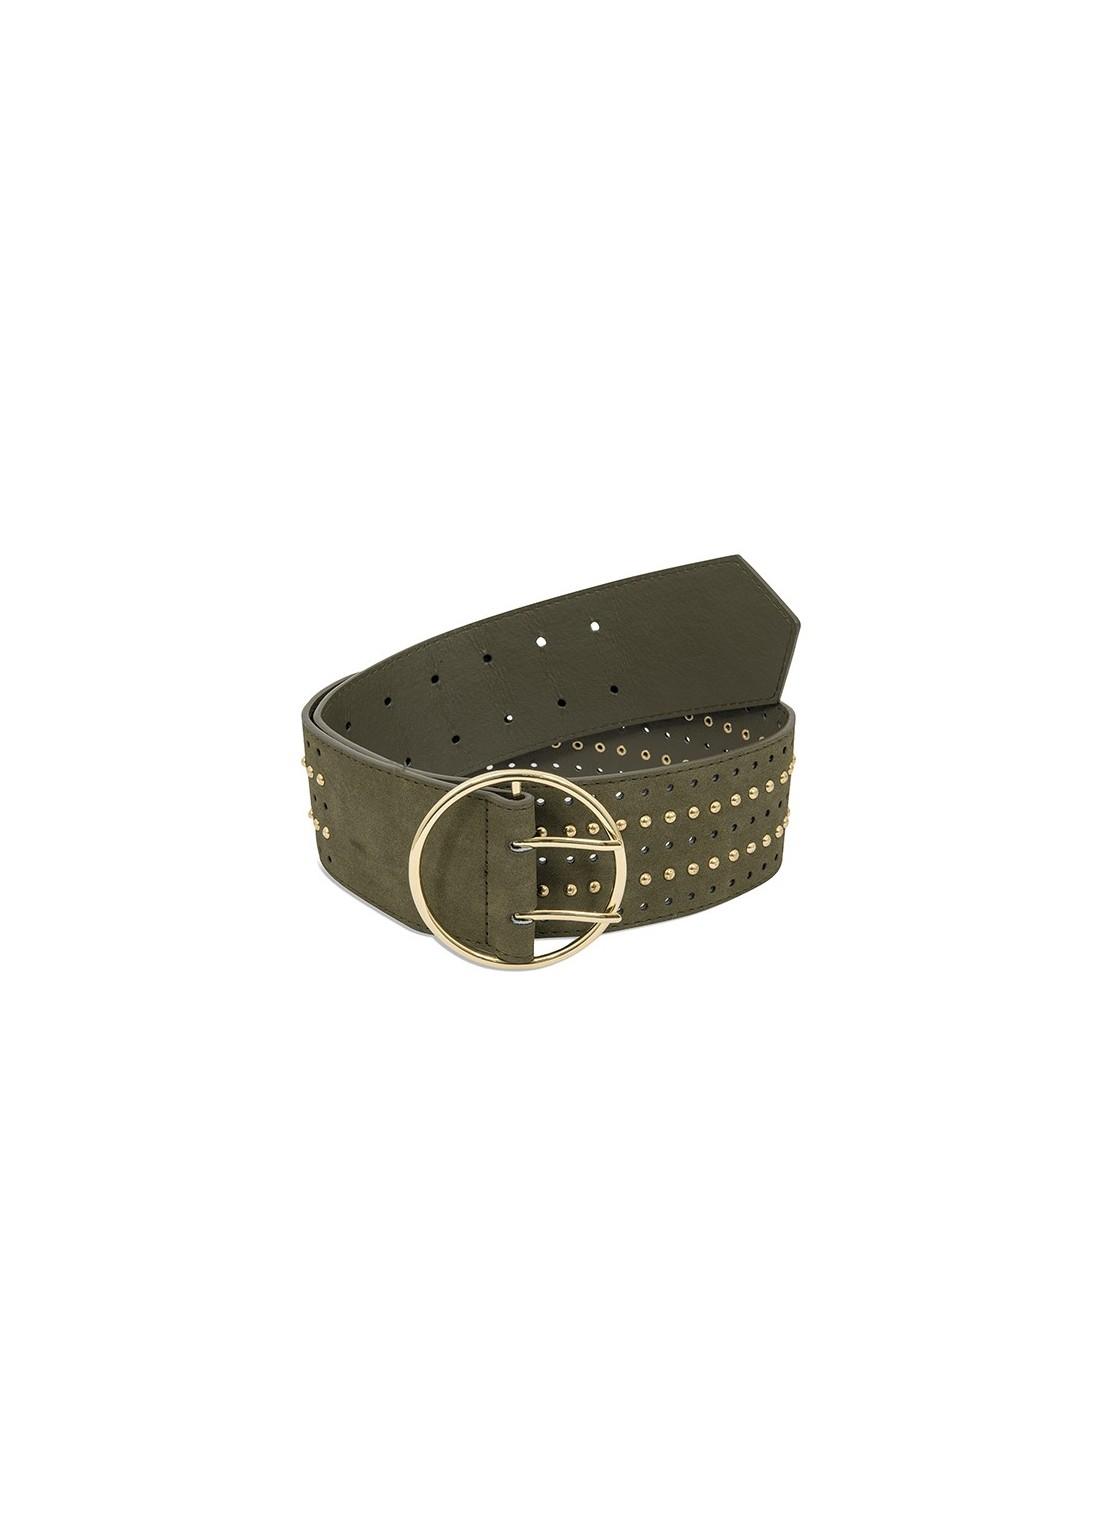 Cinturón-medio musgo